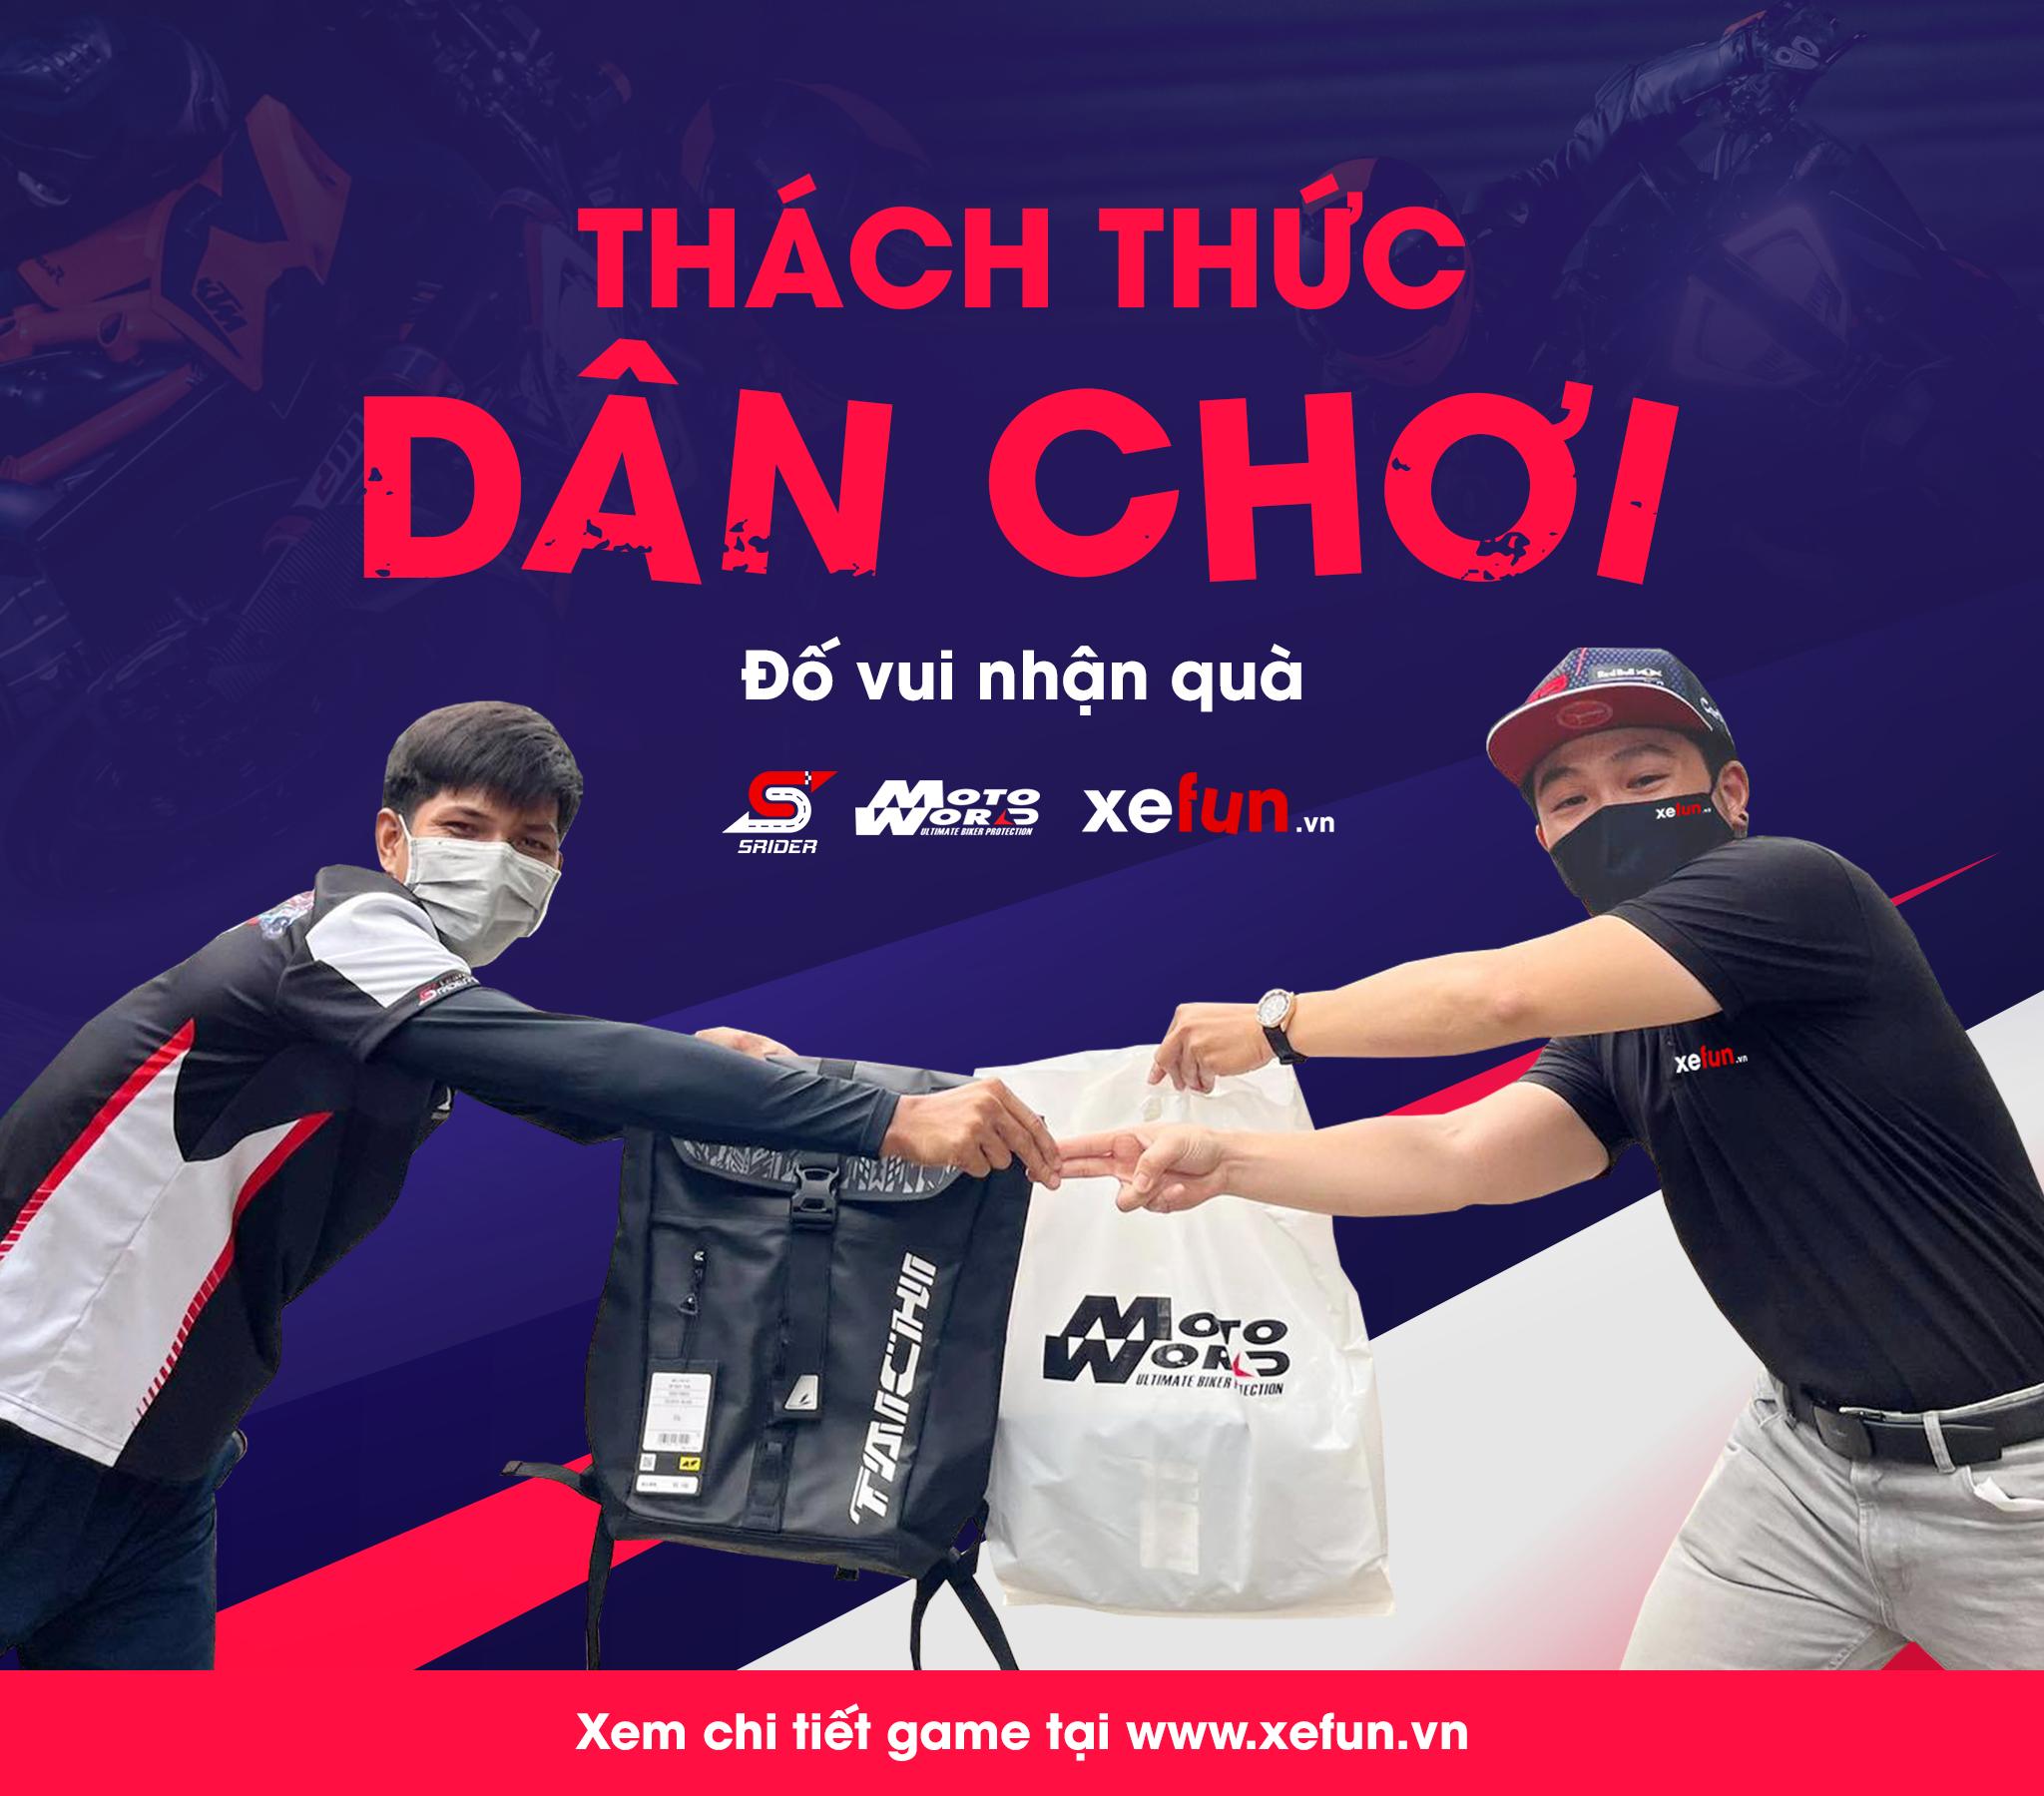 trò chơi nhận quà hấp dẫn từ Motoworld Việt Nam Xefun